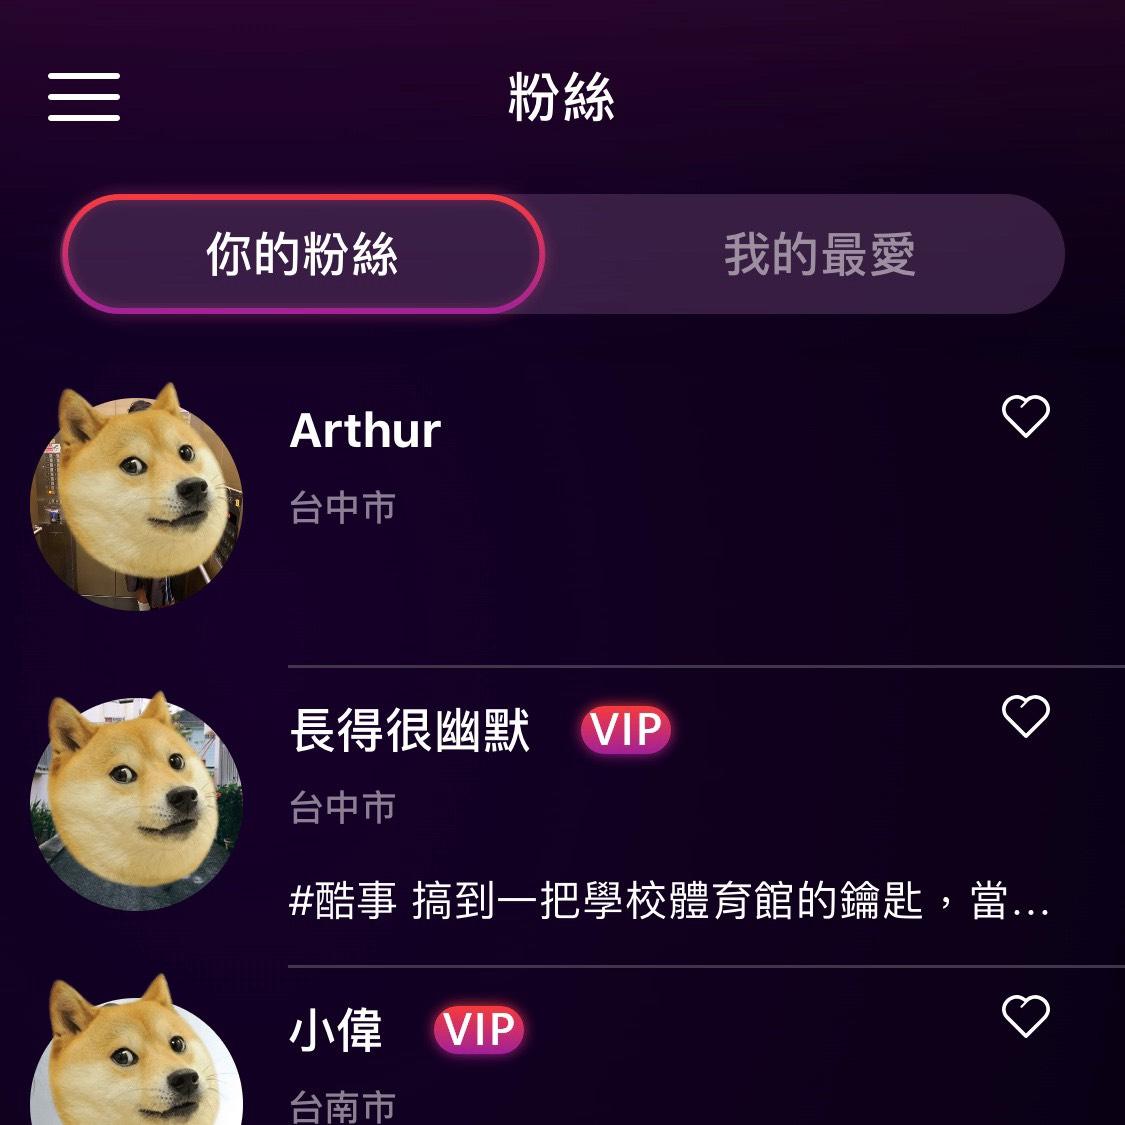 薇揪WEJO